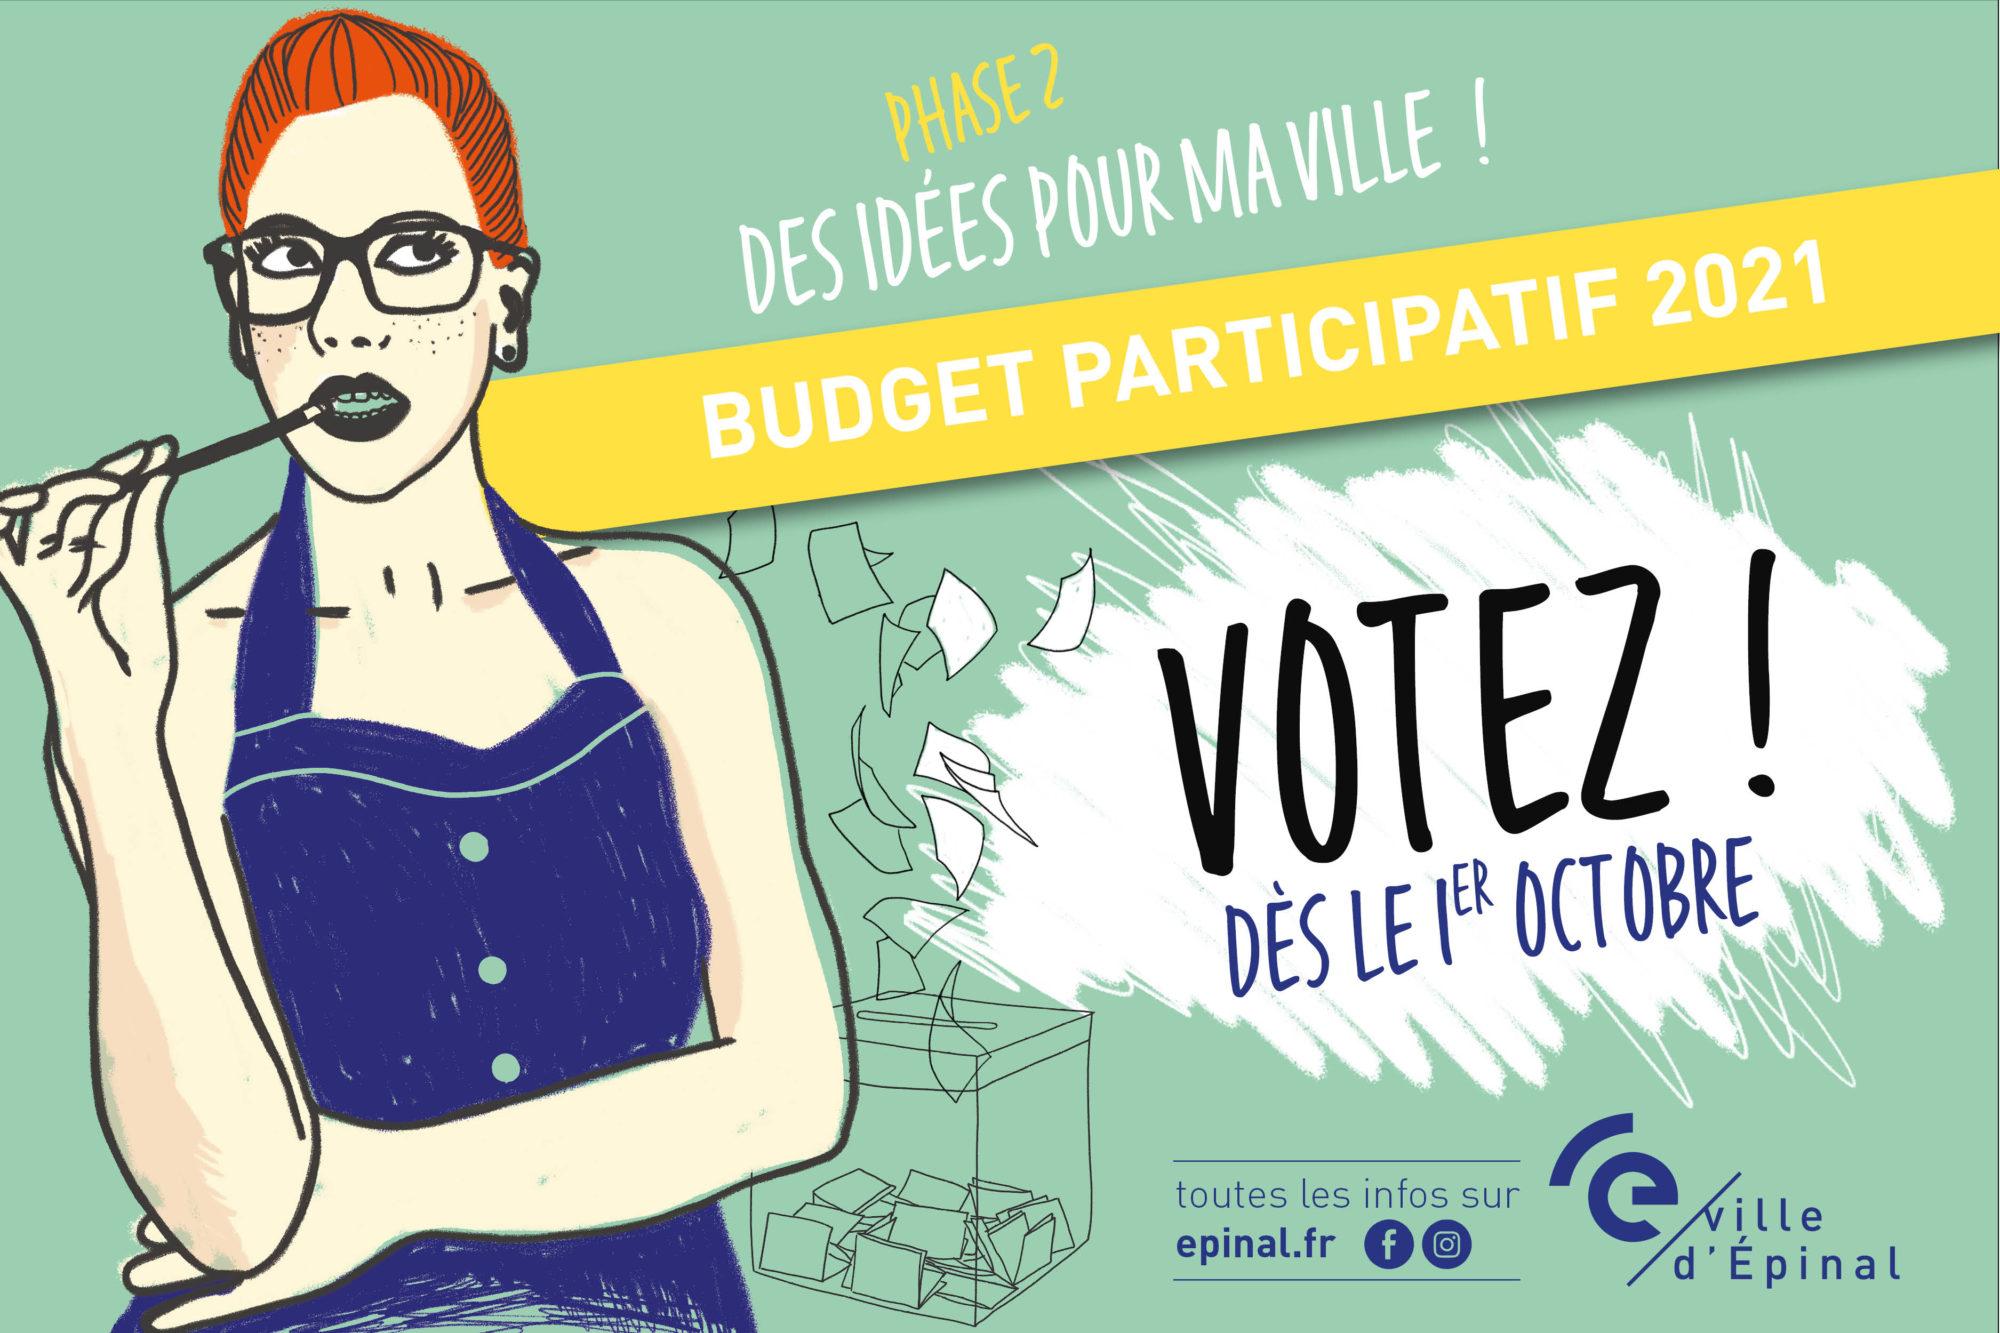 Votez pour vos projets préférés !